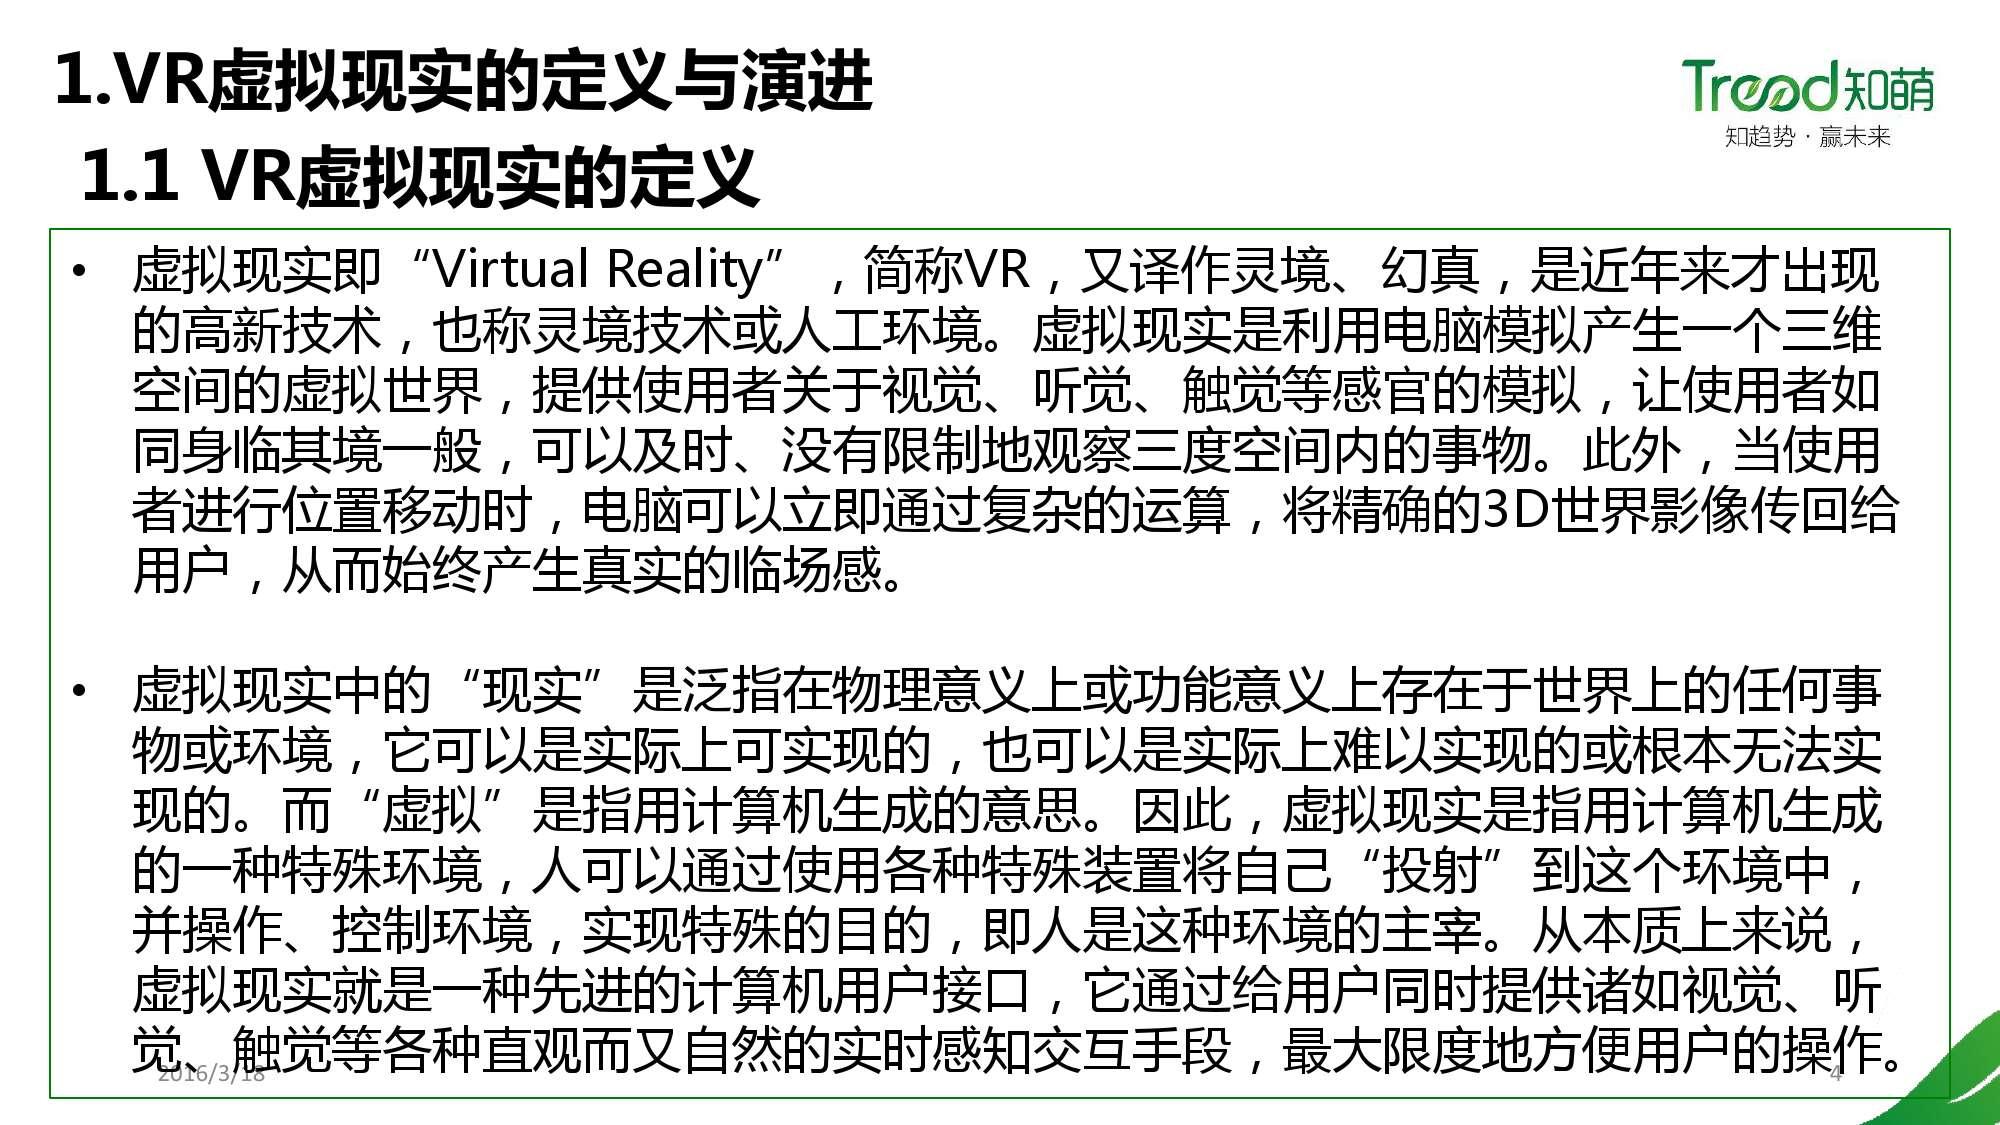 中国VR用户行为研究报告_000004